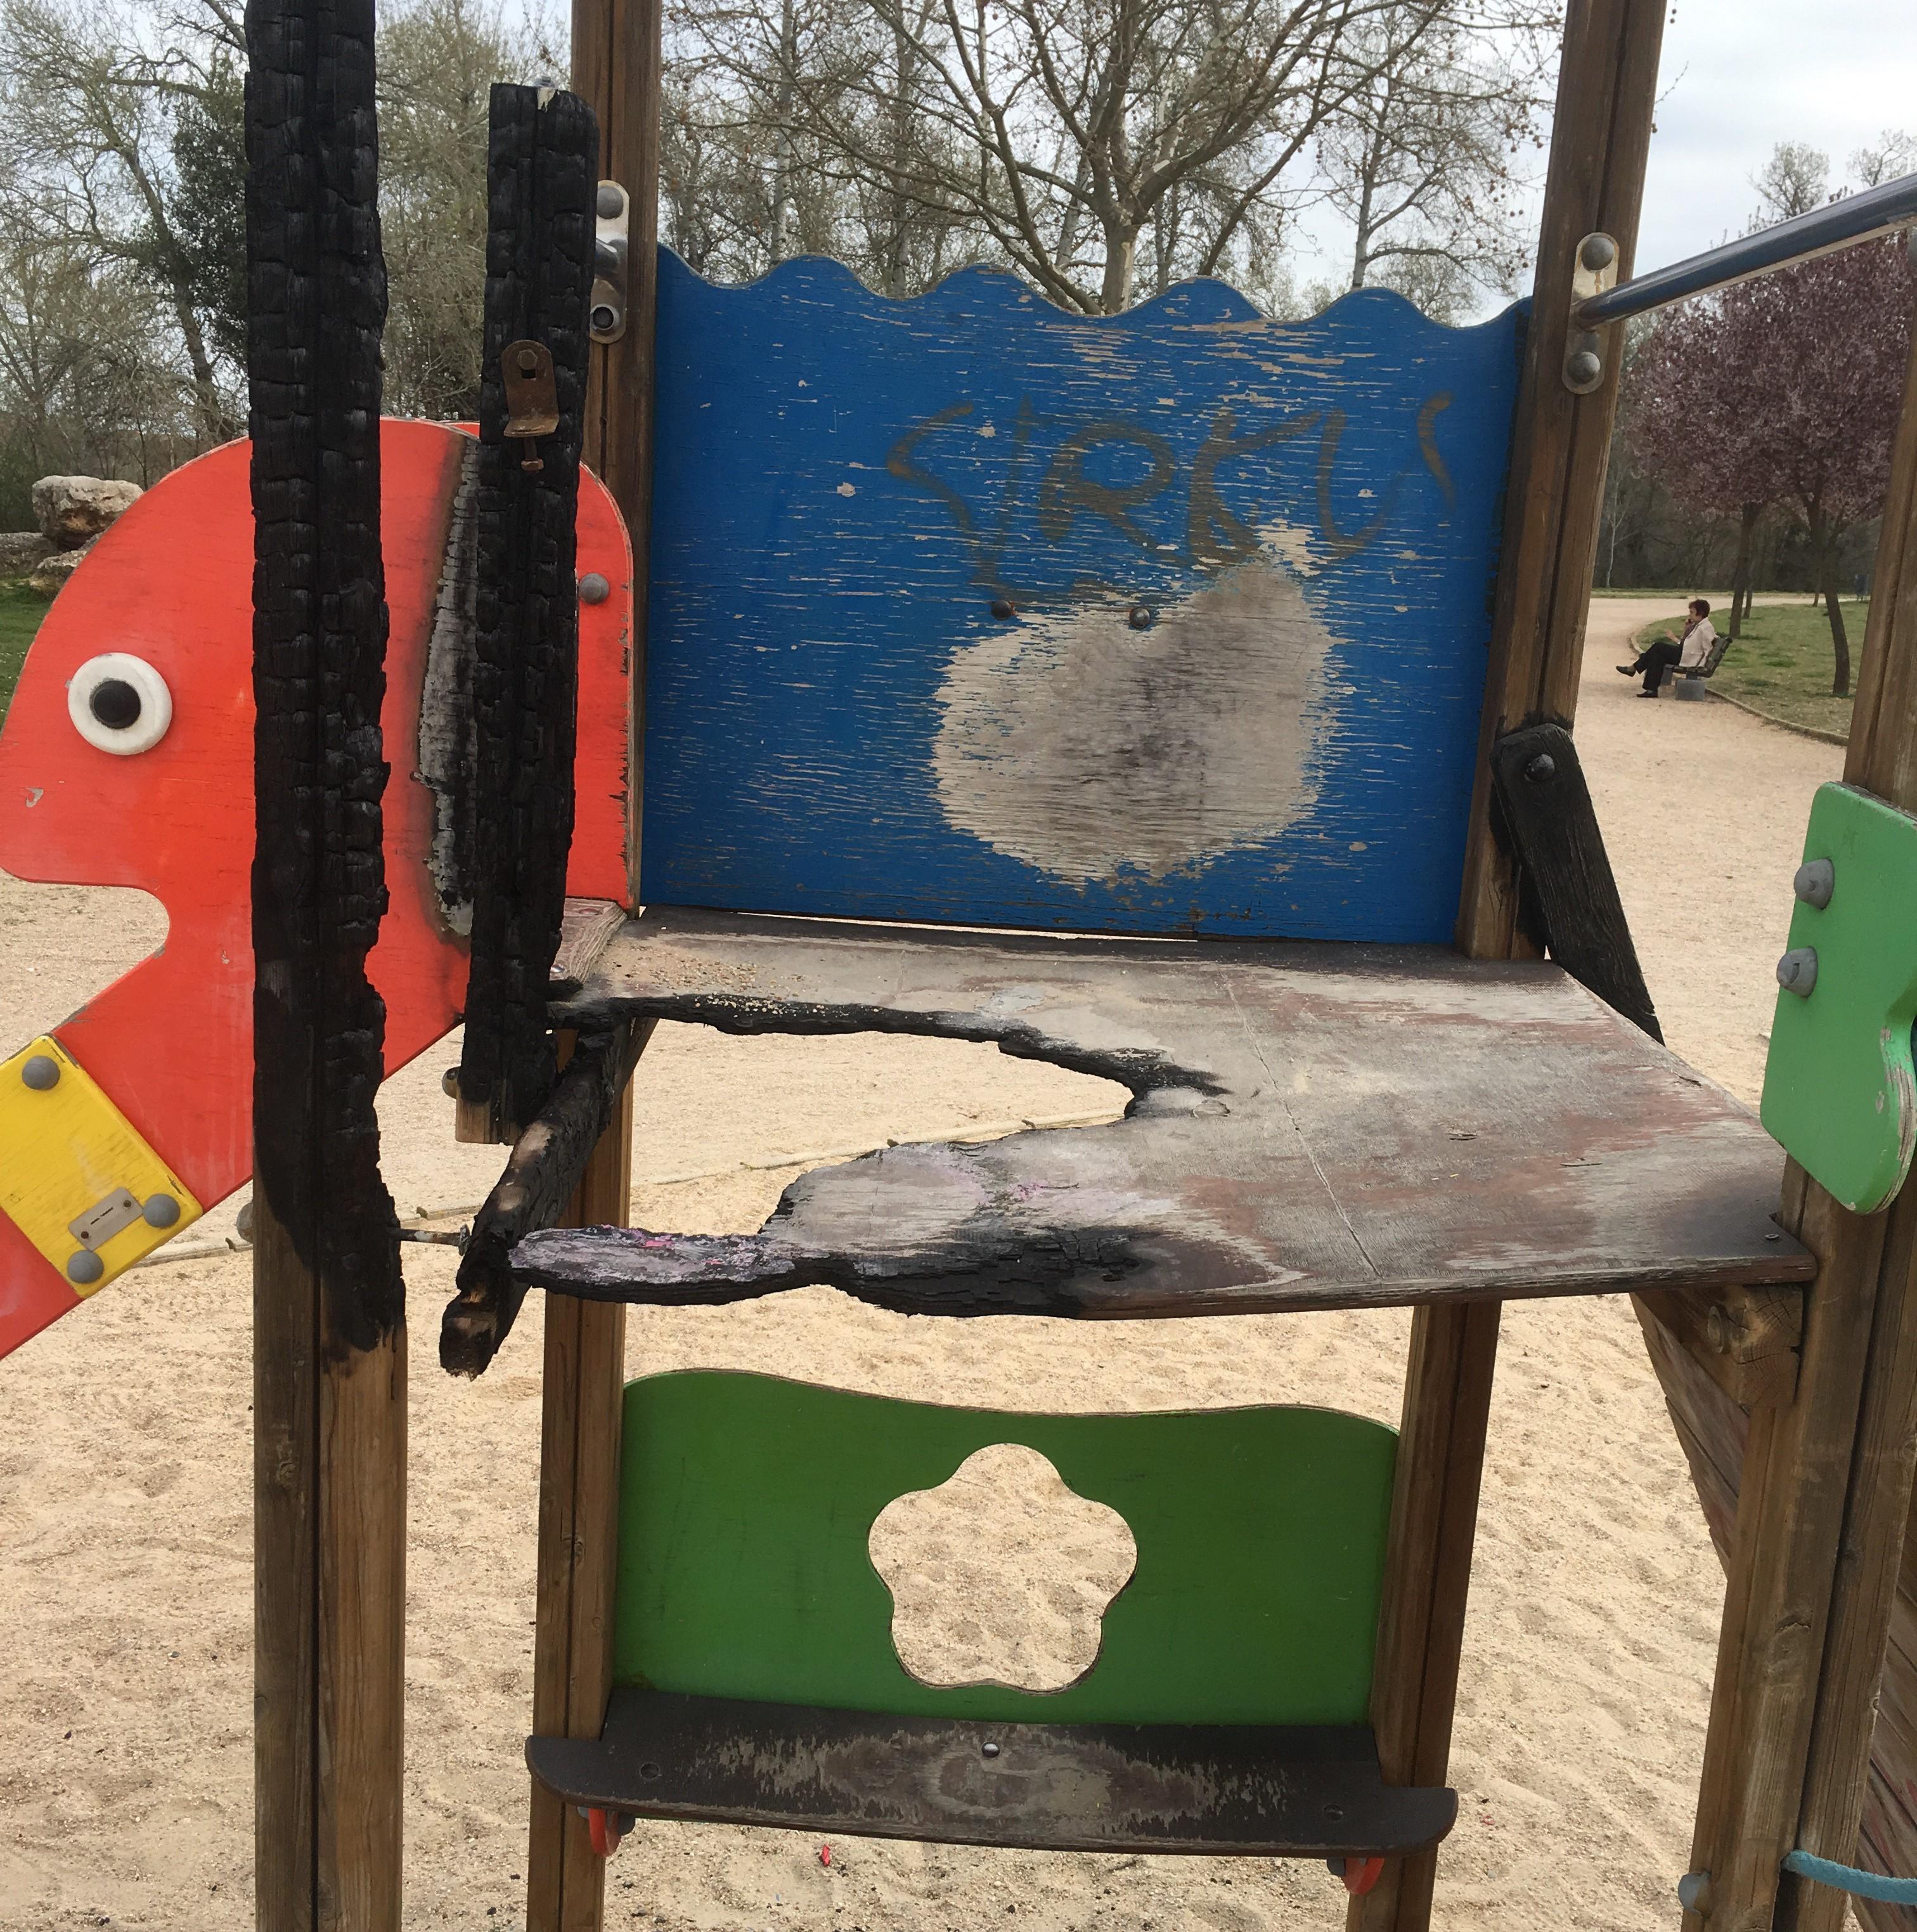 Solicitud de arreglo urgente de los juegos infantiles instalados den parques y zonas verdes